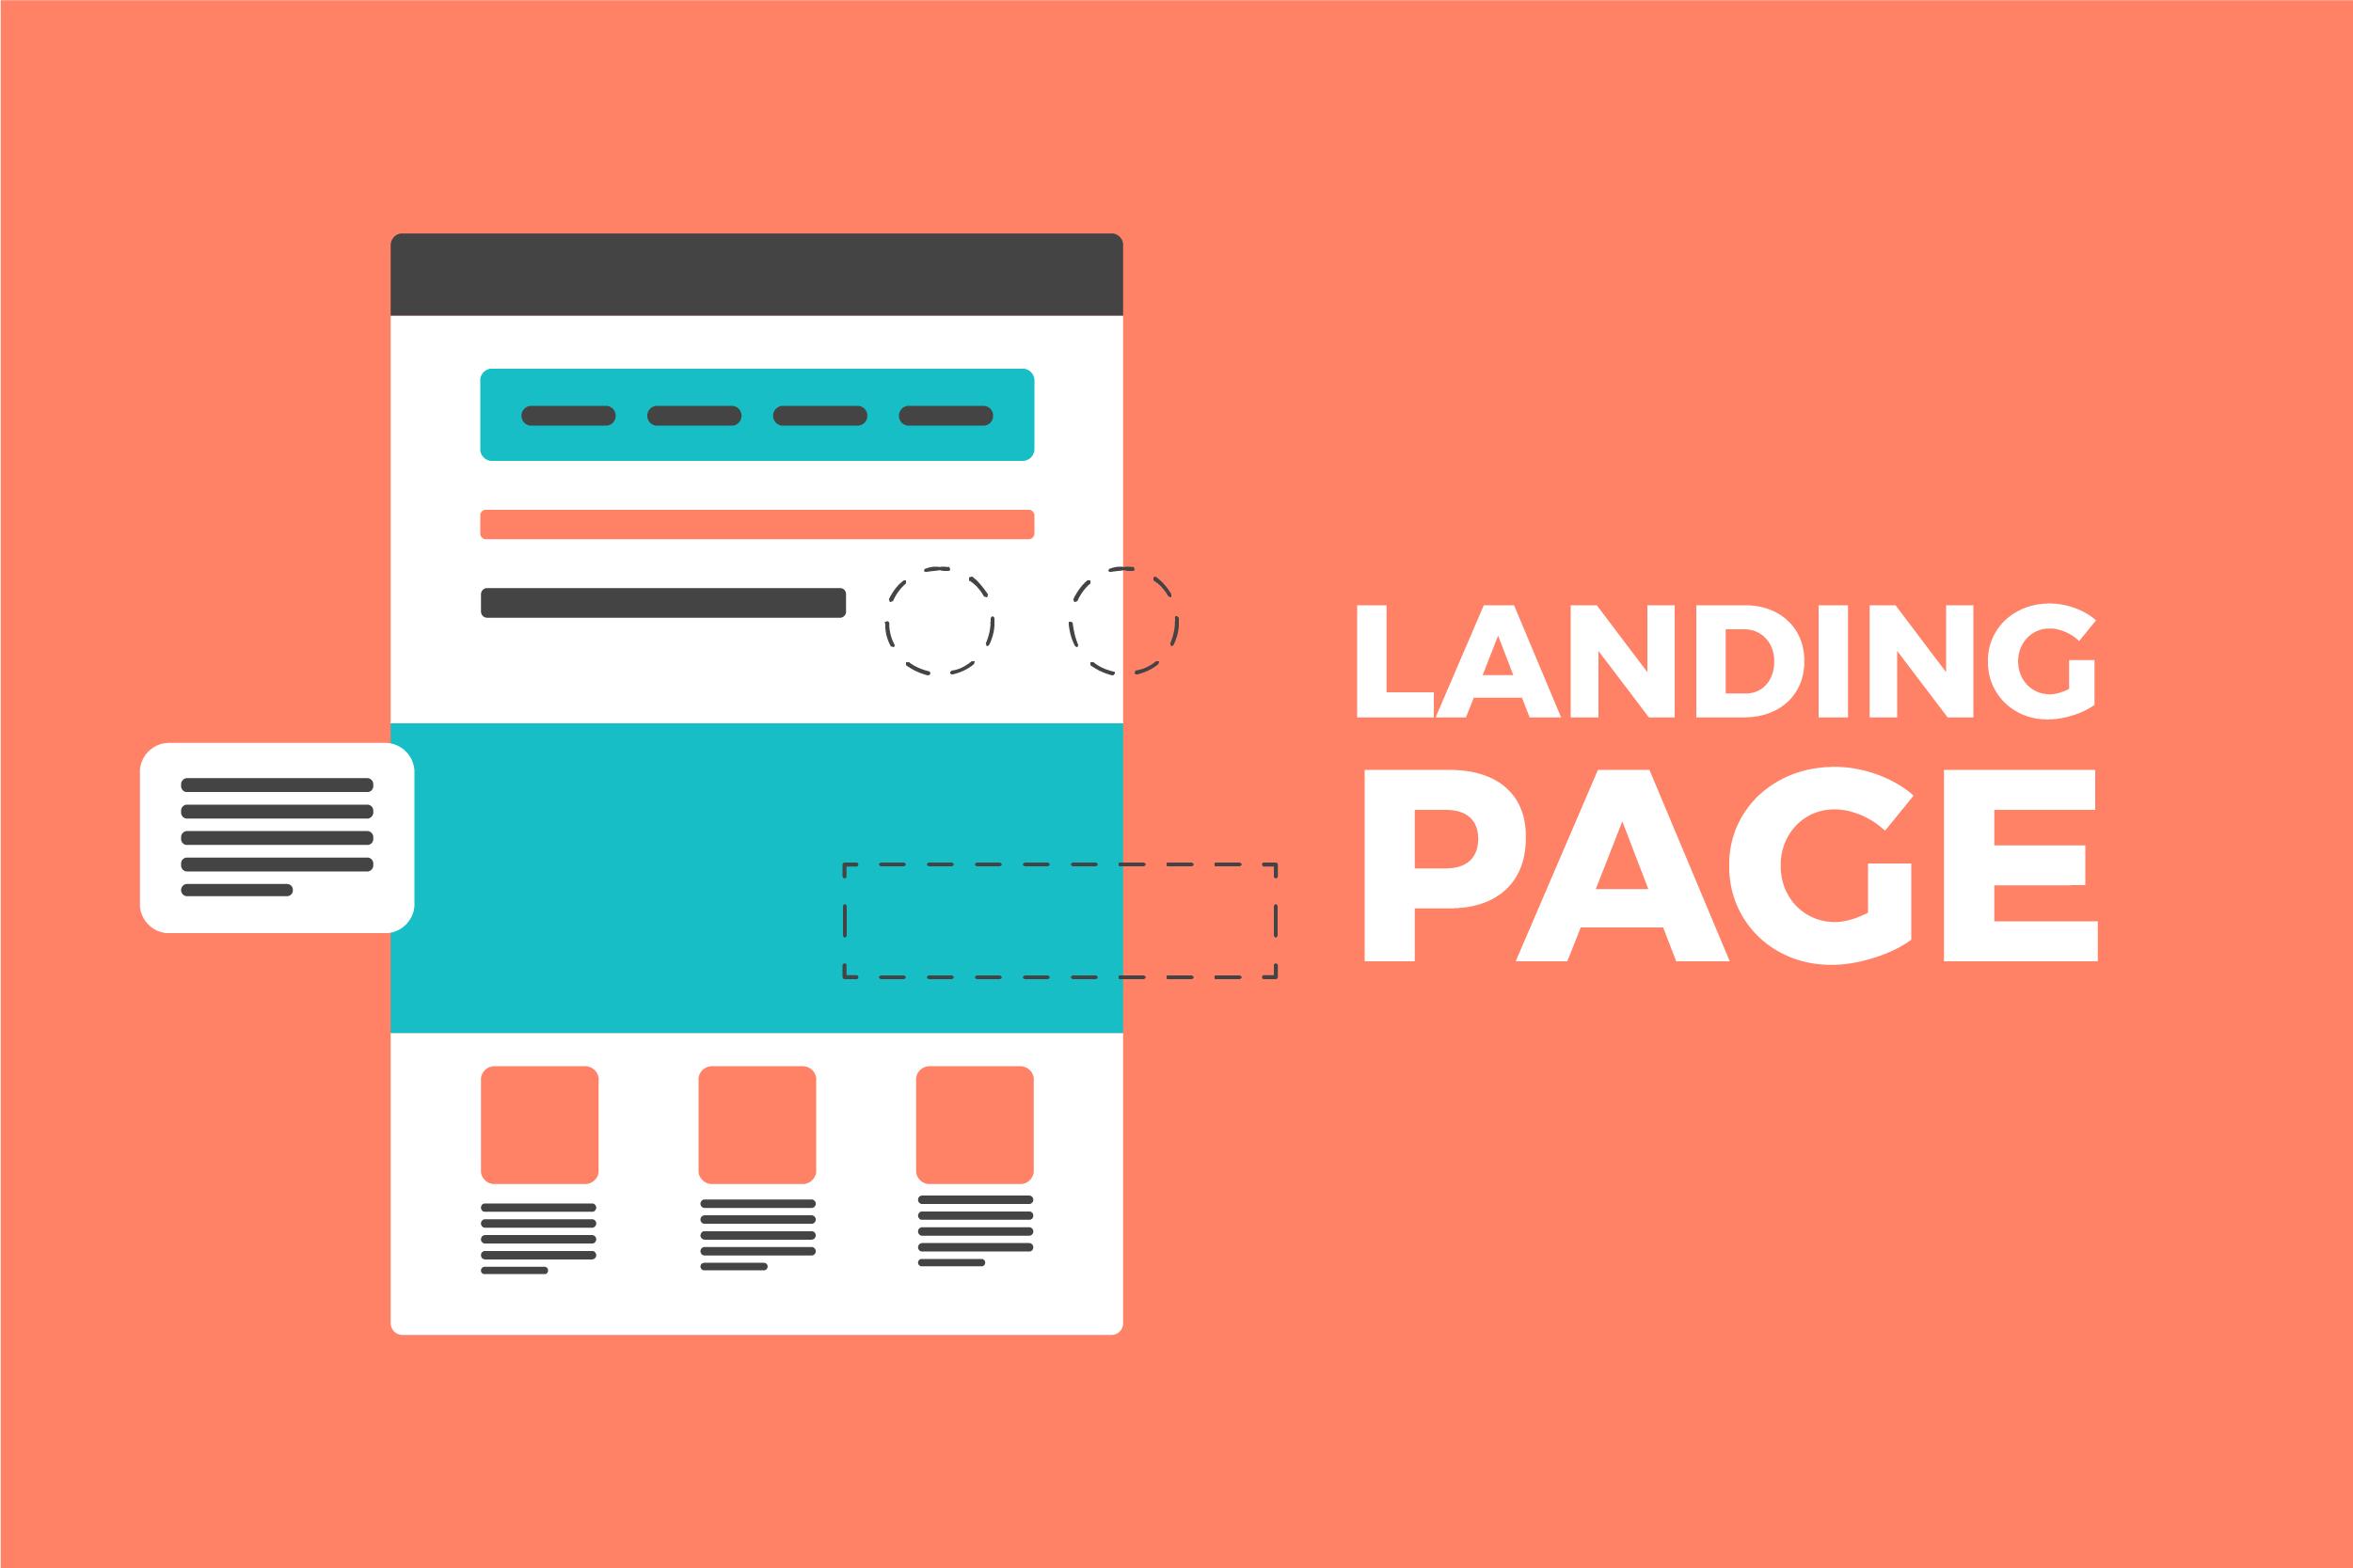 Nguyên tắc của một landing page hiệu quả